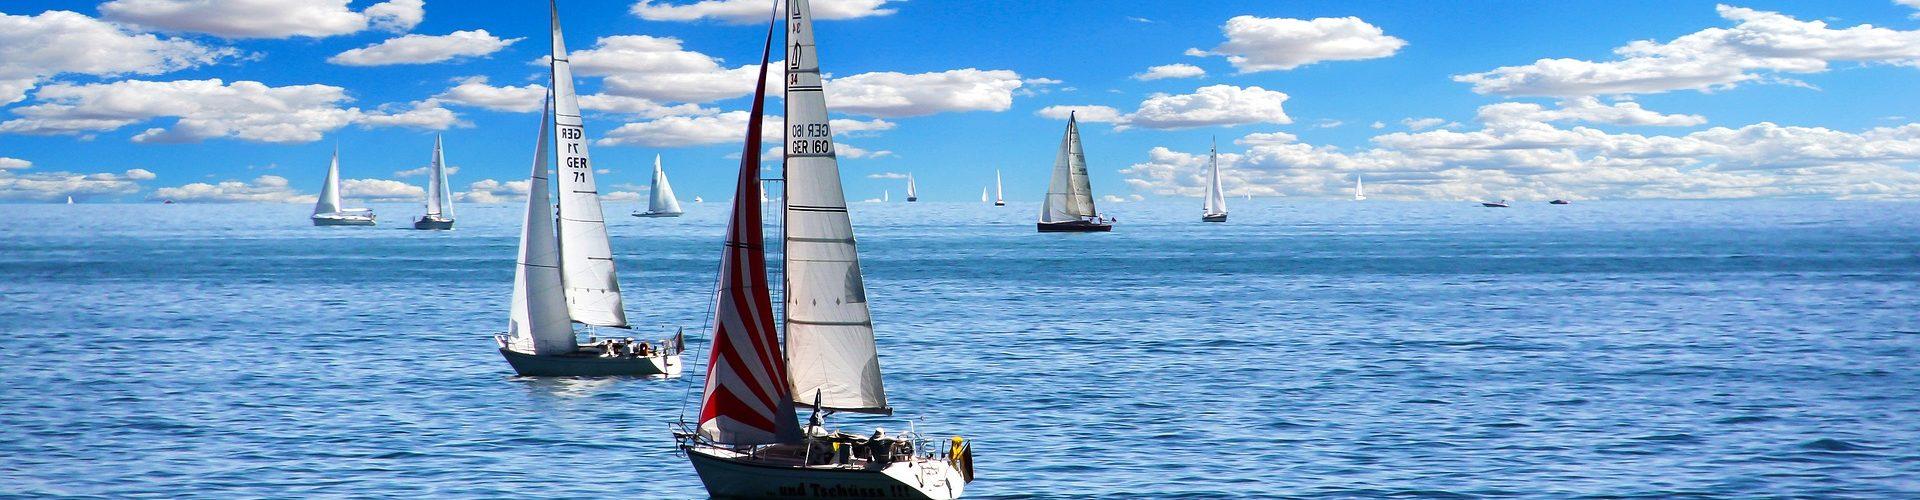 segeln lernen in Marienwerder segelschein machen in Marienwerder 1920x500 - Segeln lernen in Marienwerder